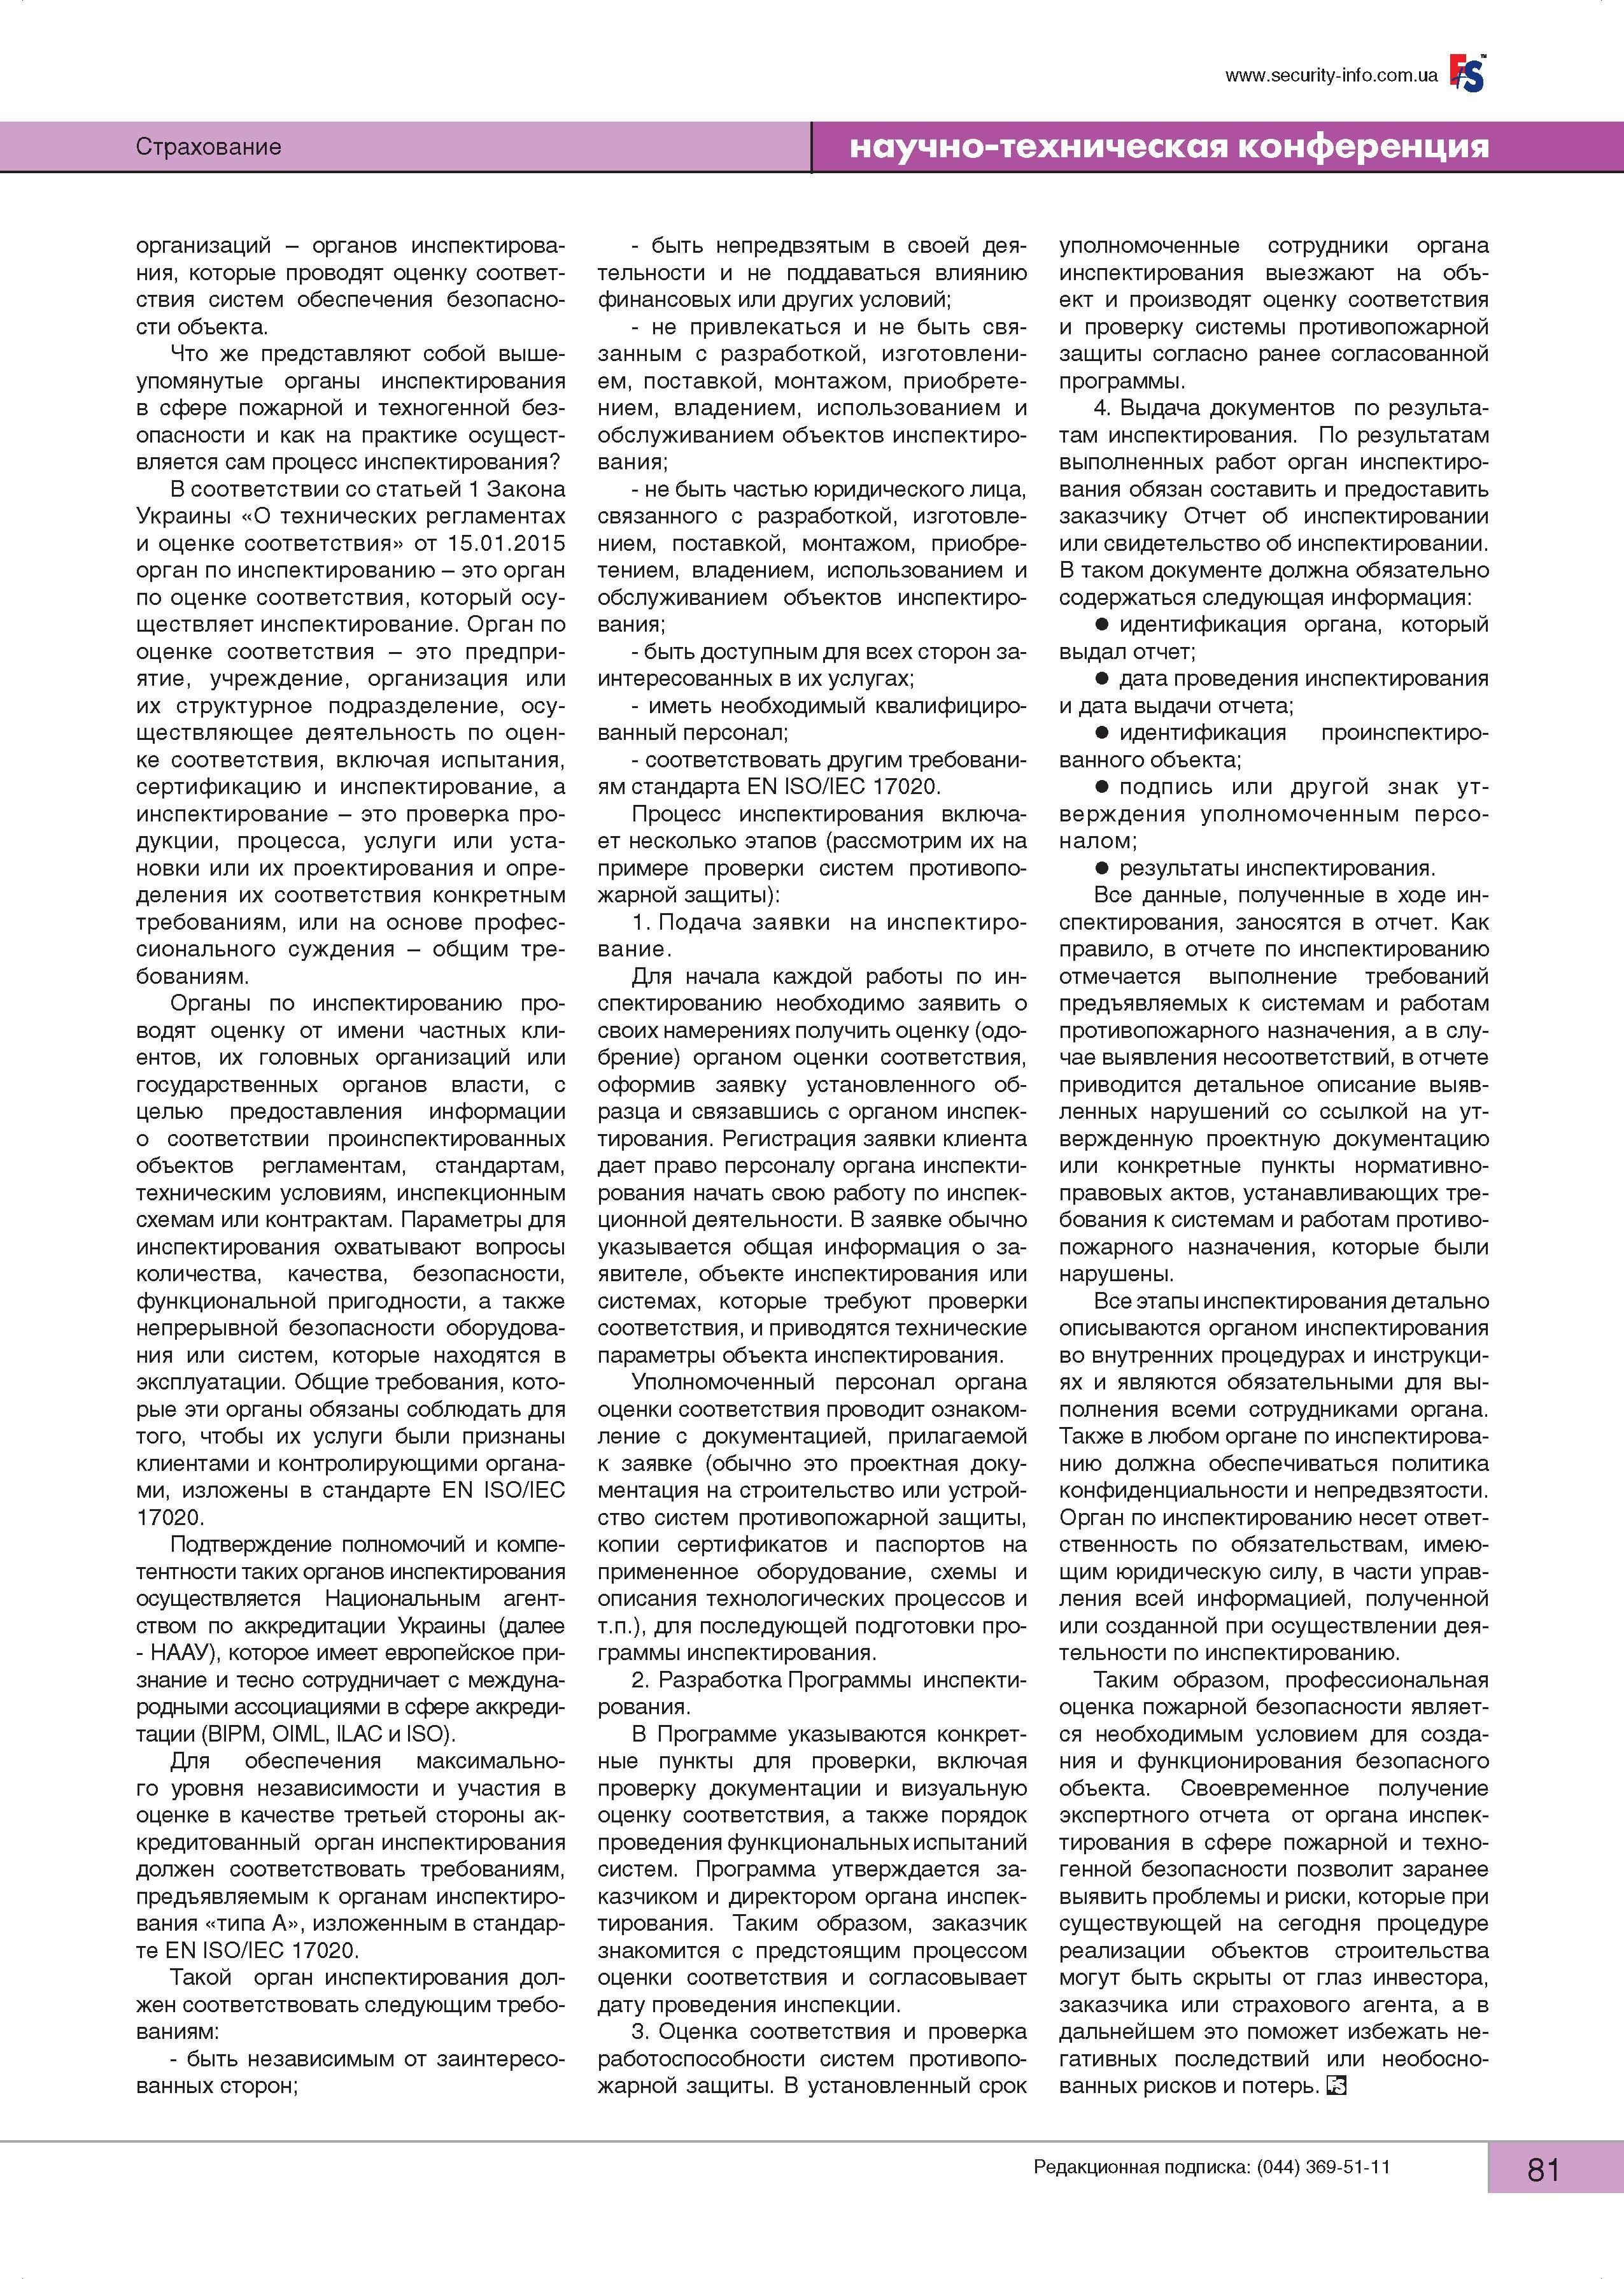 стр 81 Органи інспектування та їх роль у сфері забезпечення пожежної і техногенної безпеки